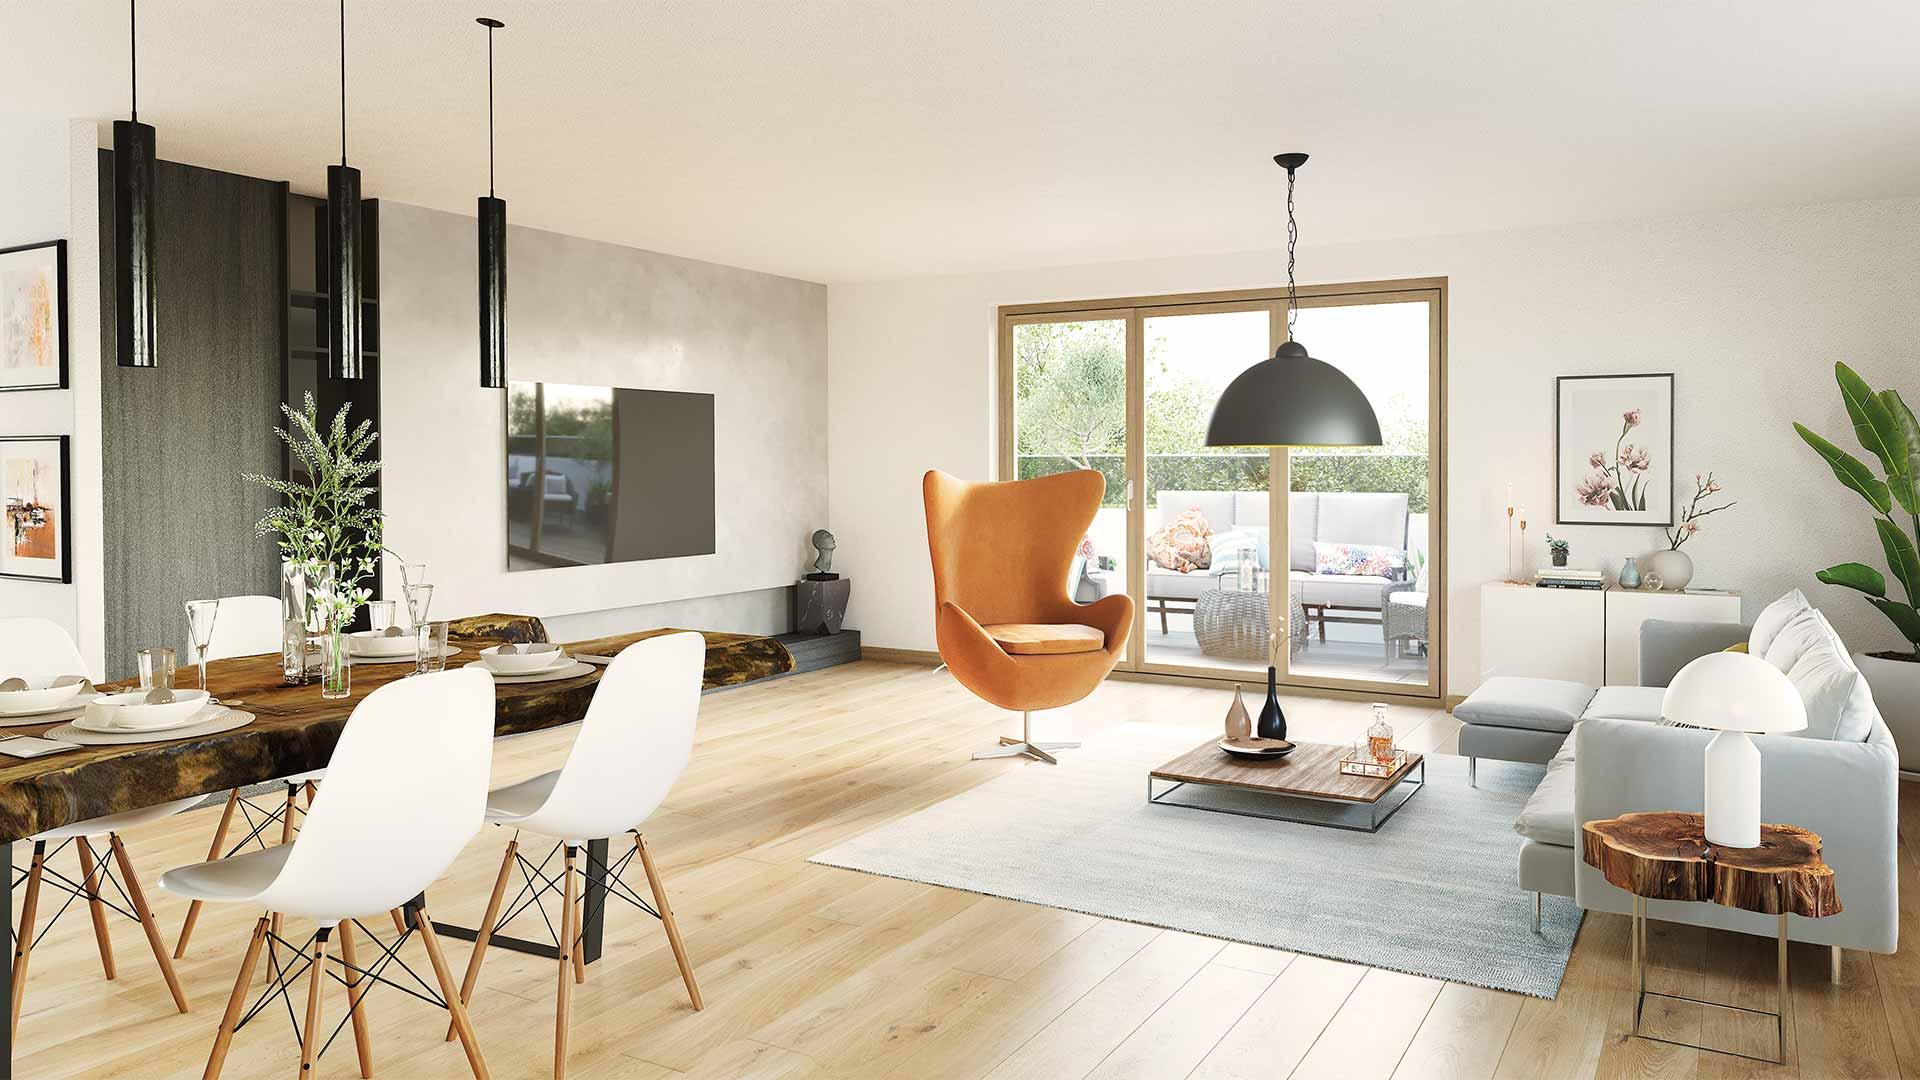 PARK-AVENUE_8_Raum_Visionen_Immobilien_marketing